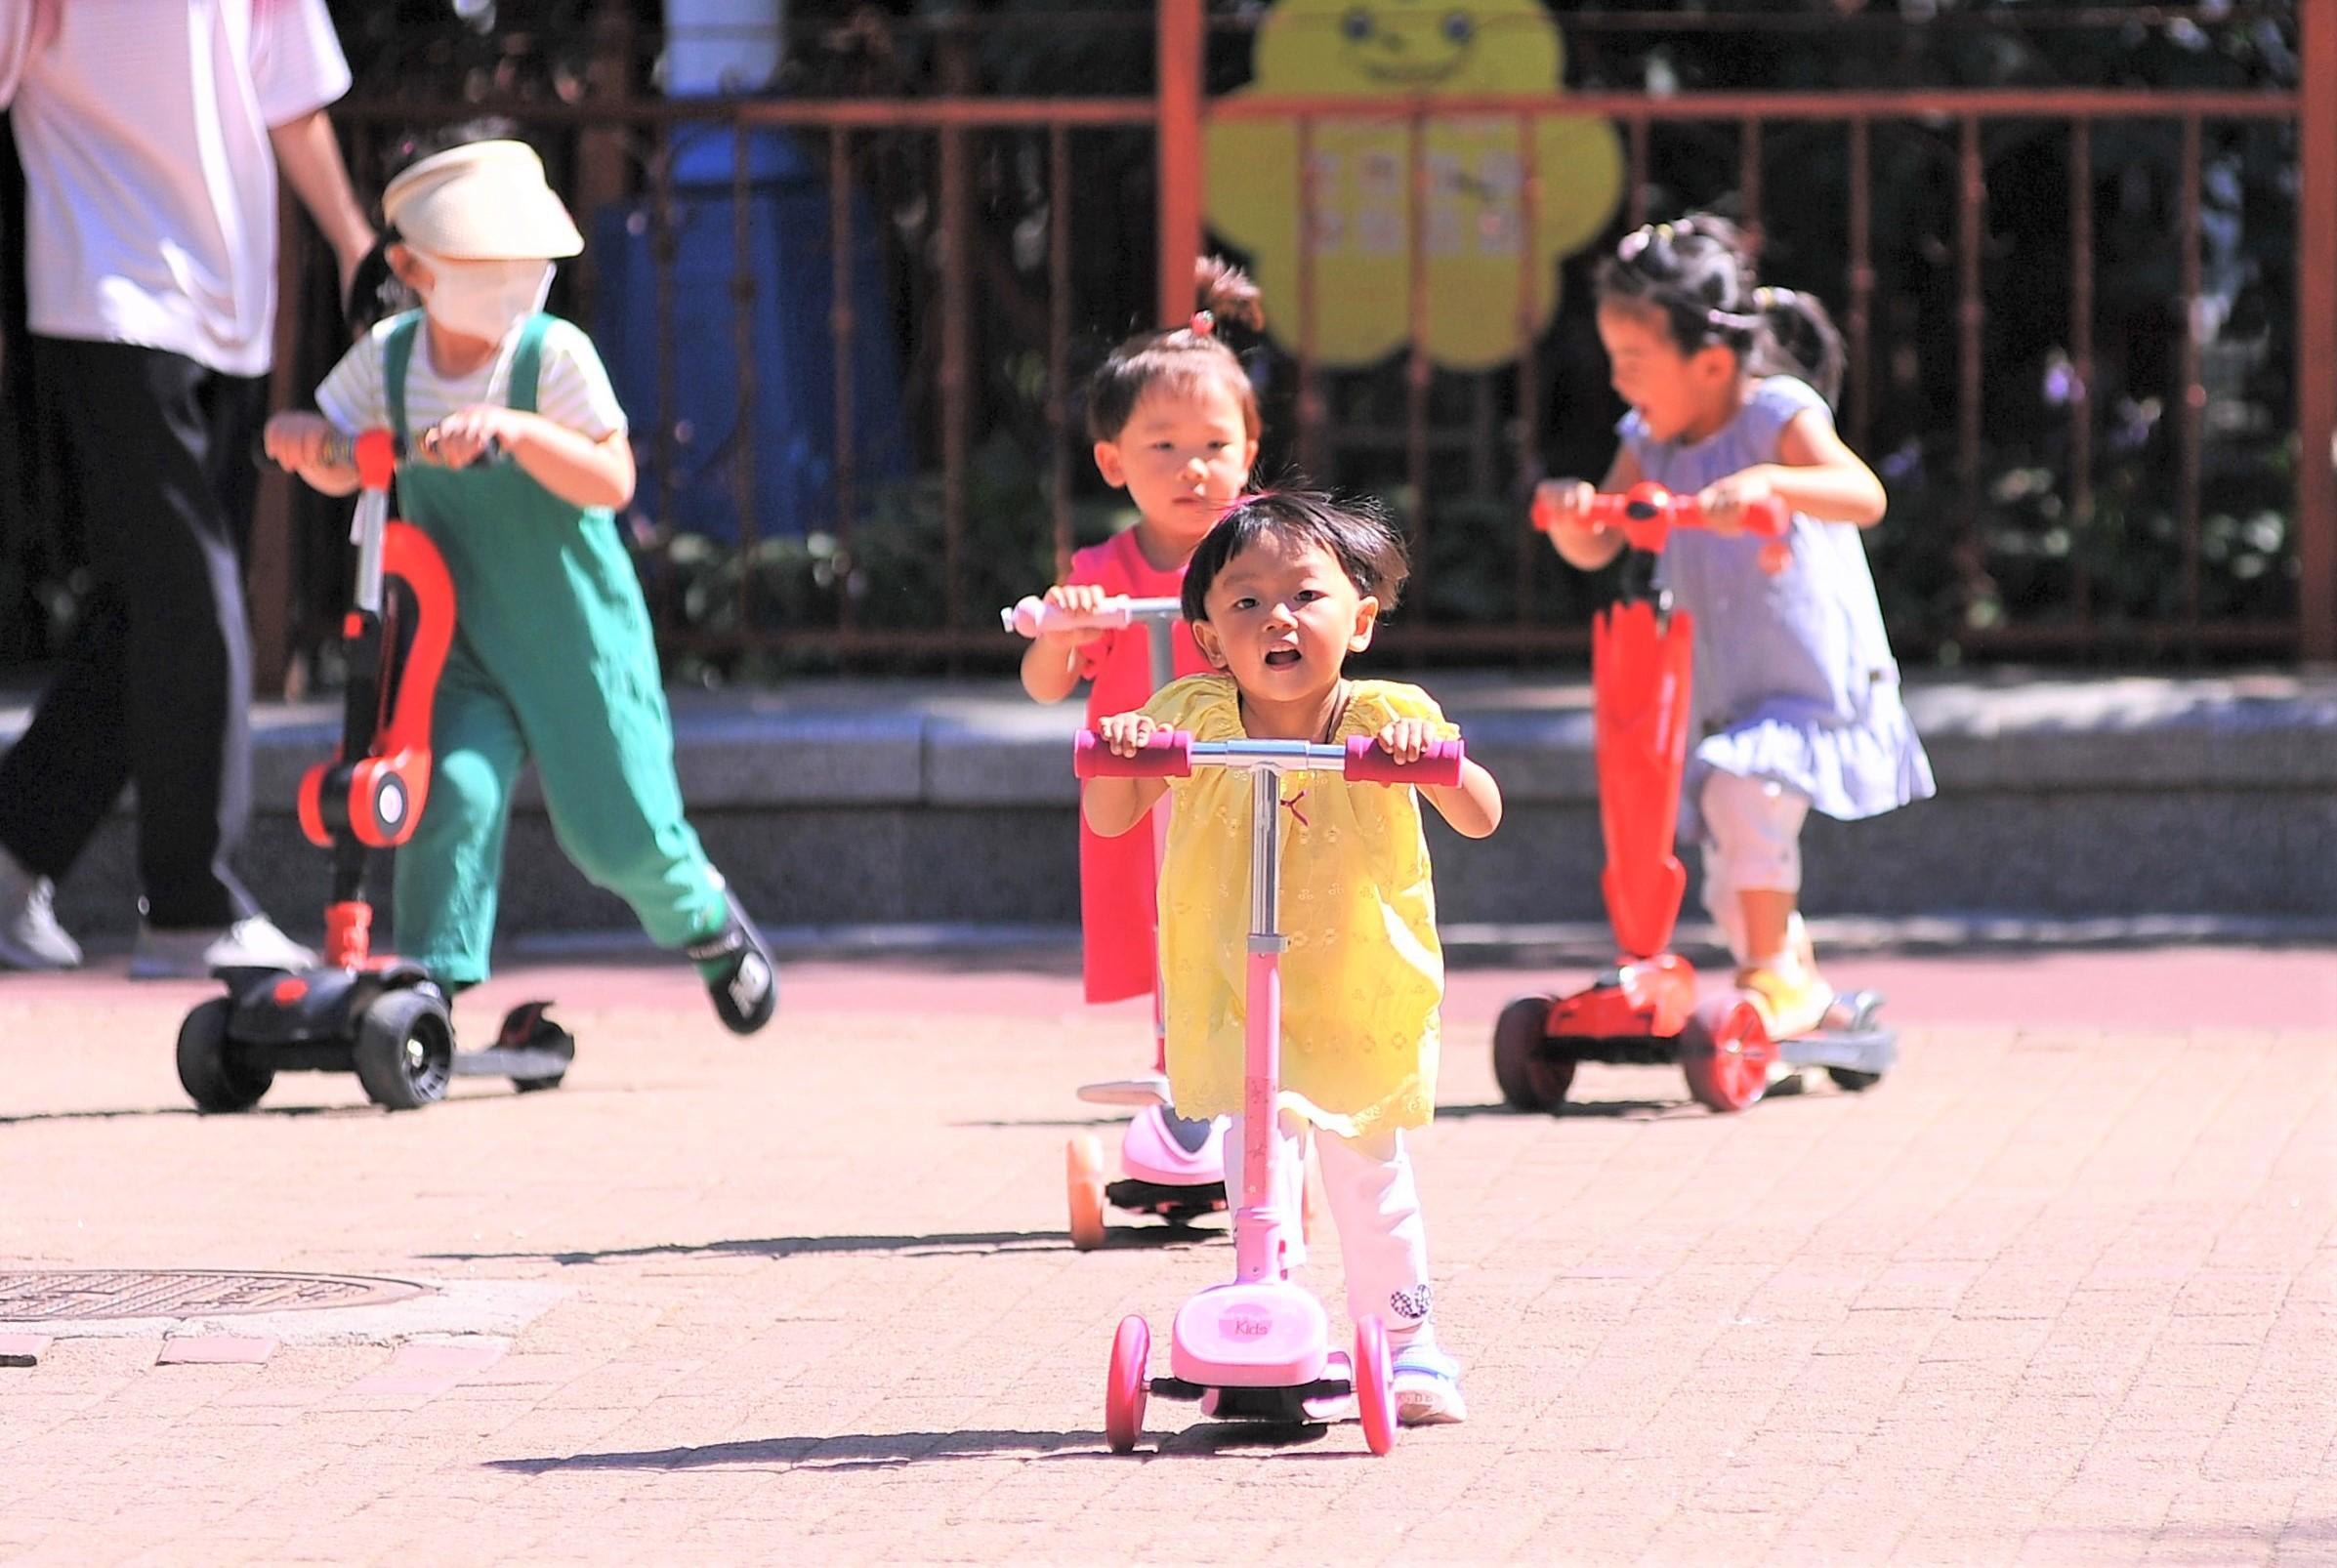 建国公园内孩子们在高兴地玩耍